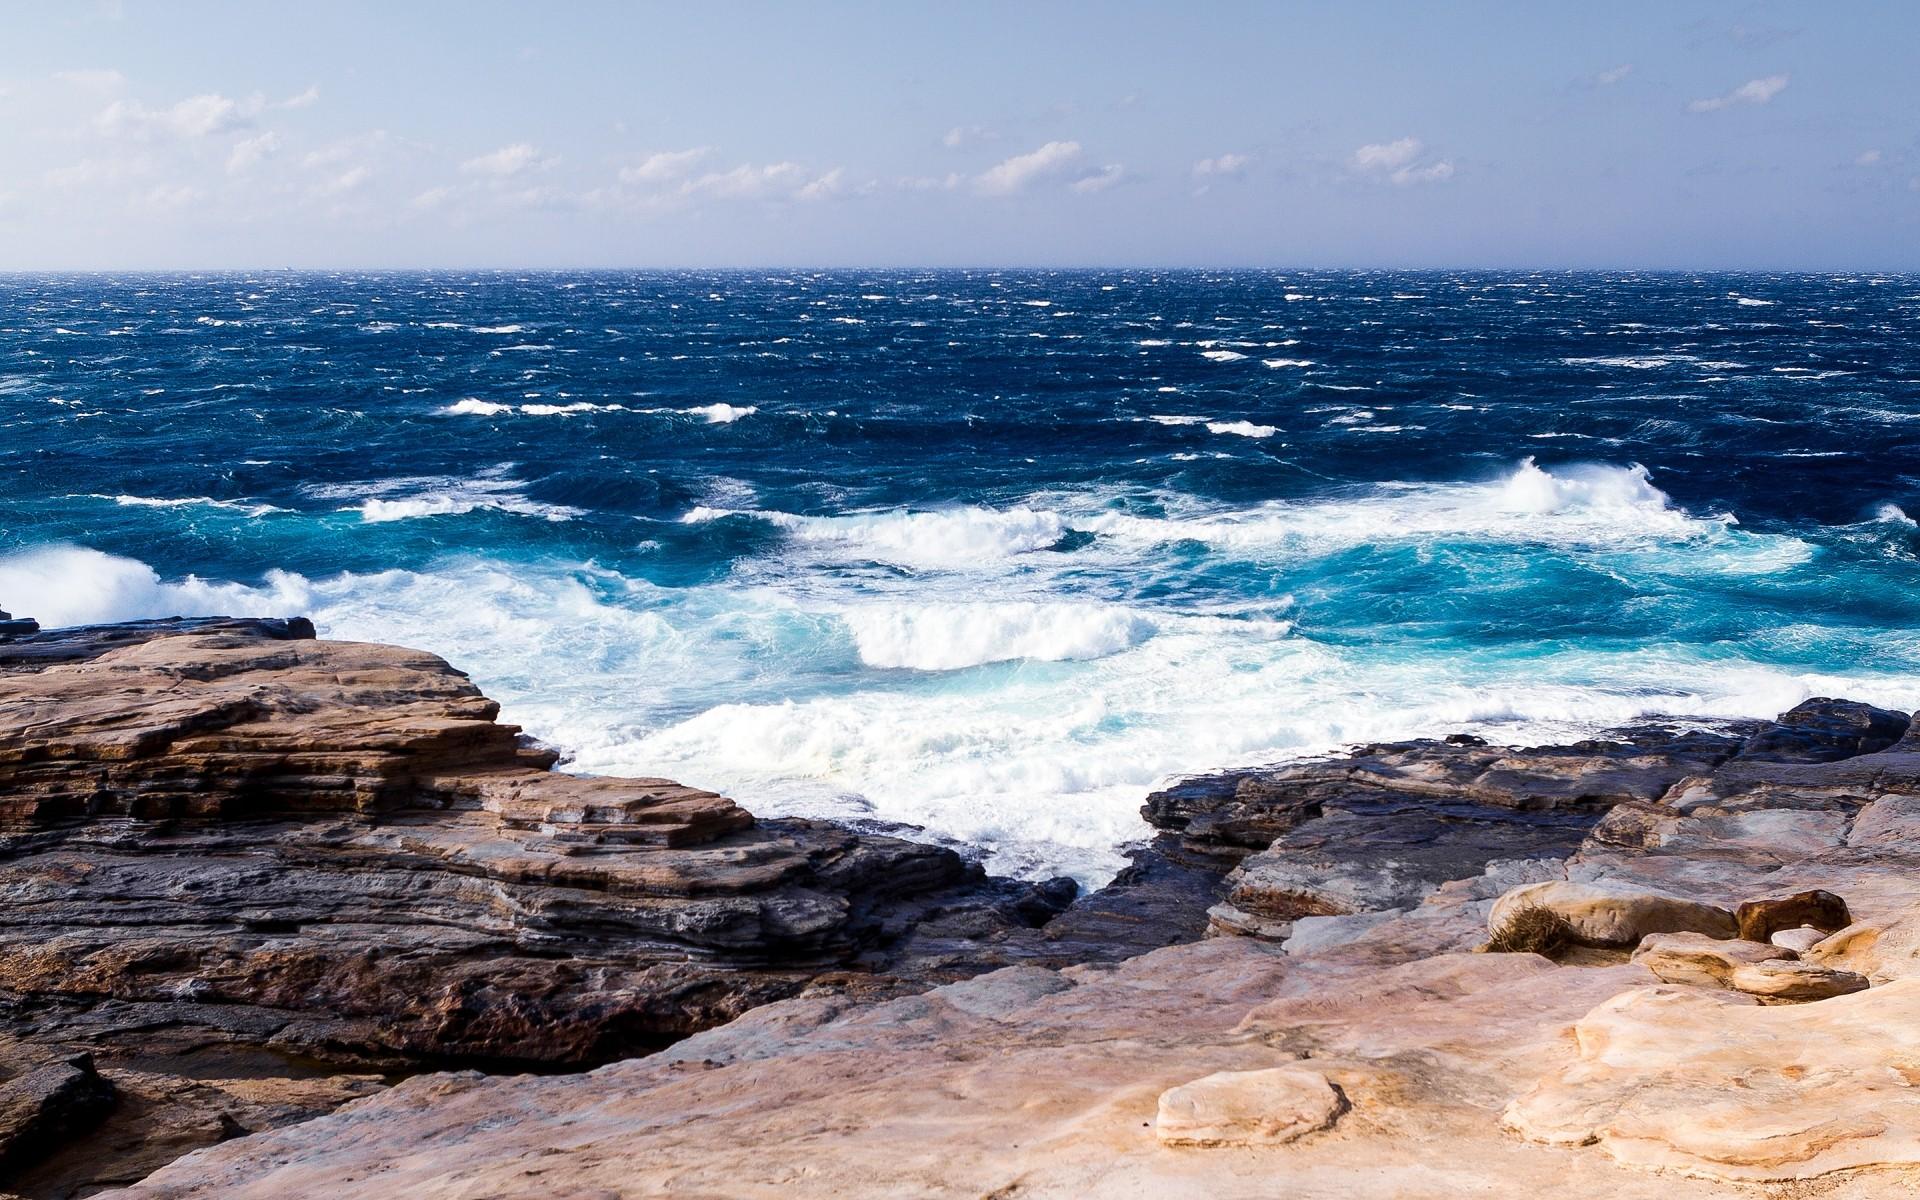 Картинки моря фото, лет девушке